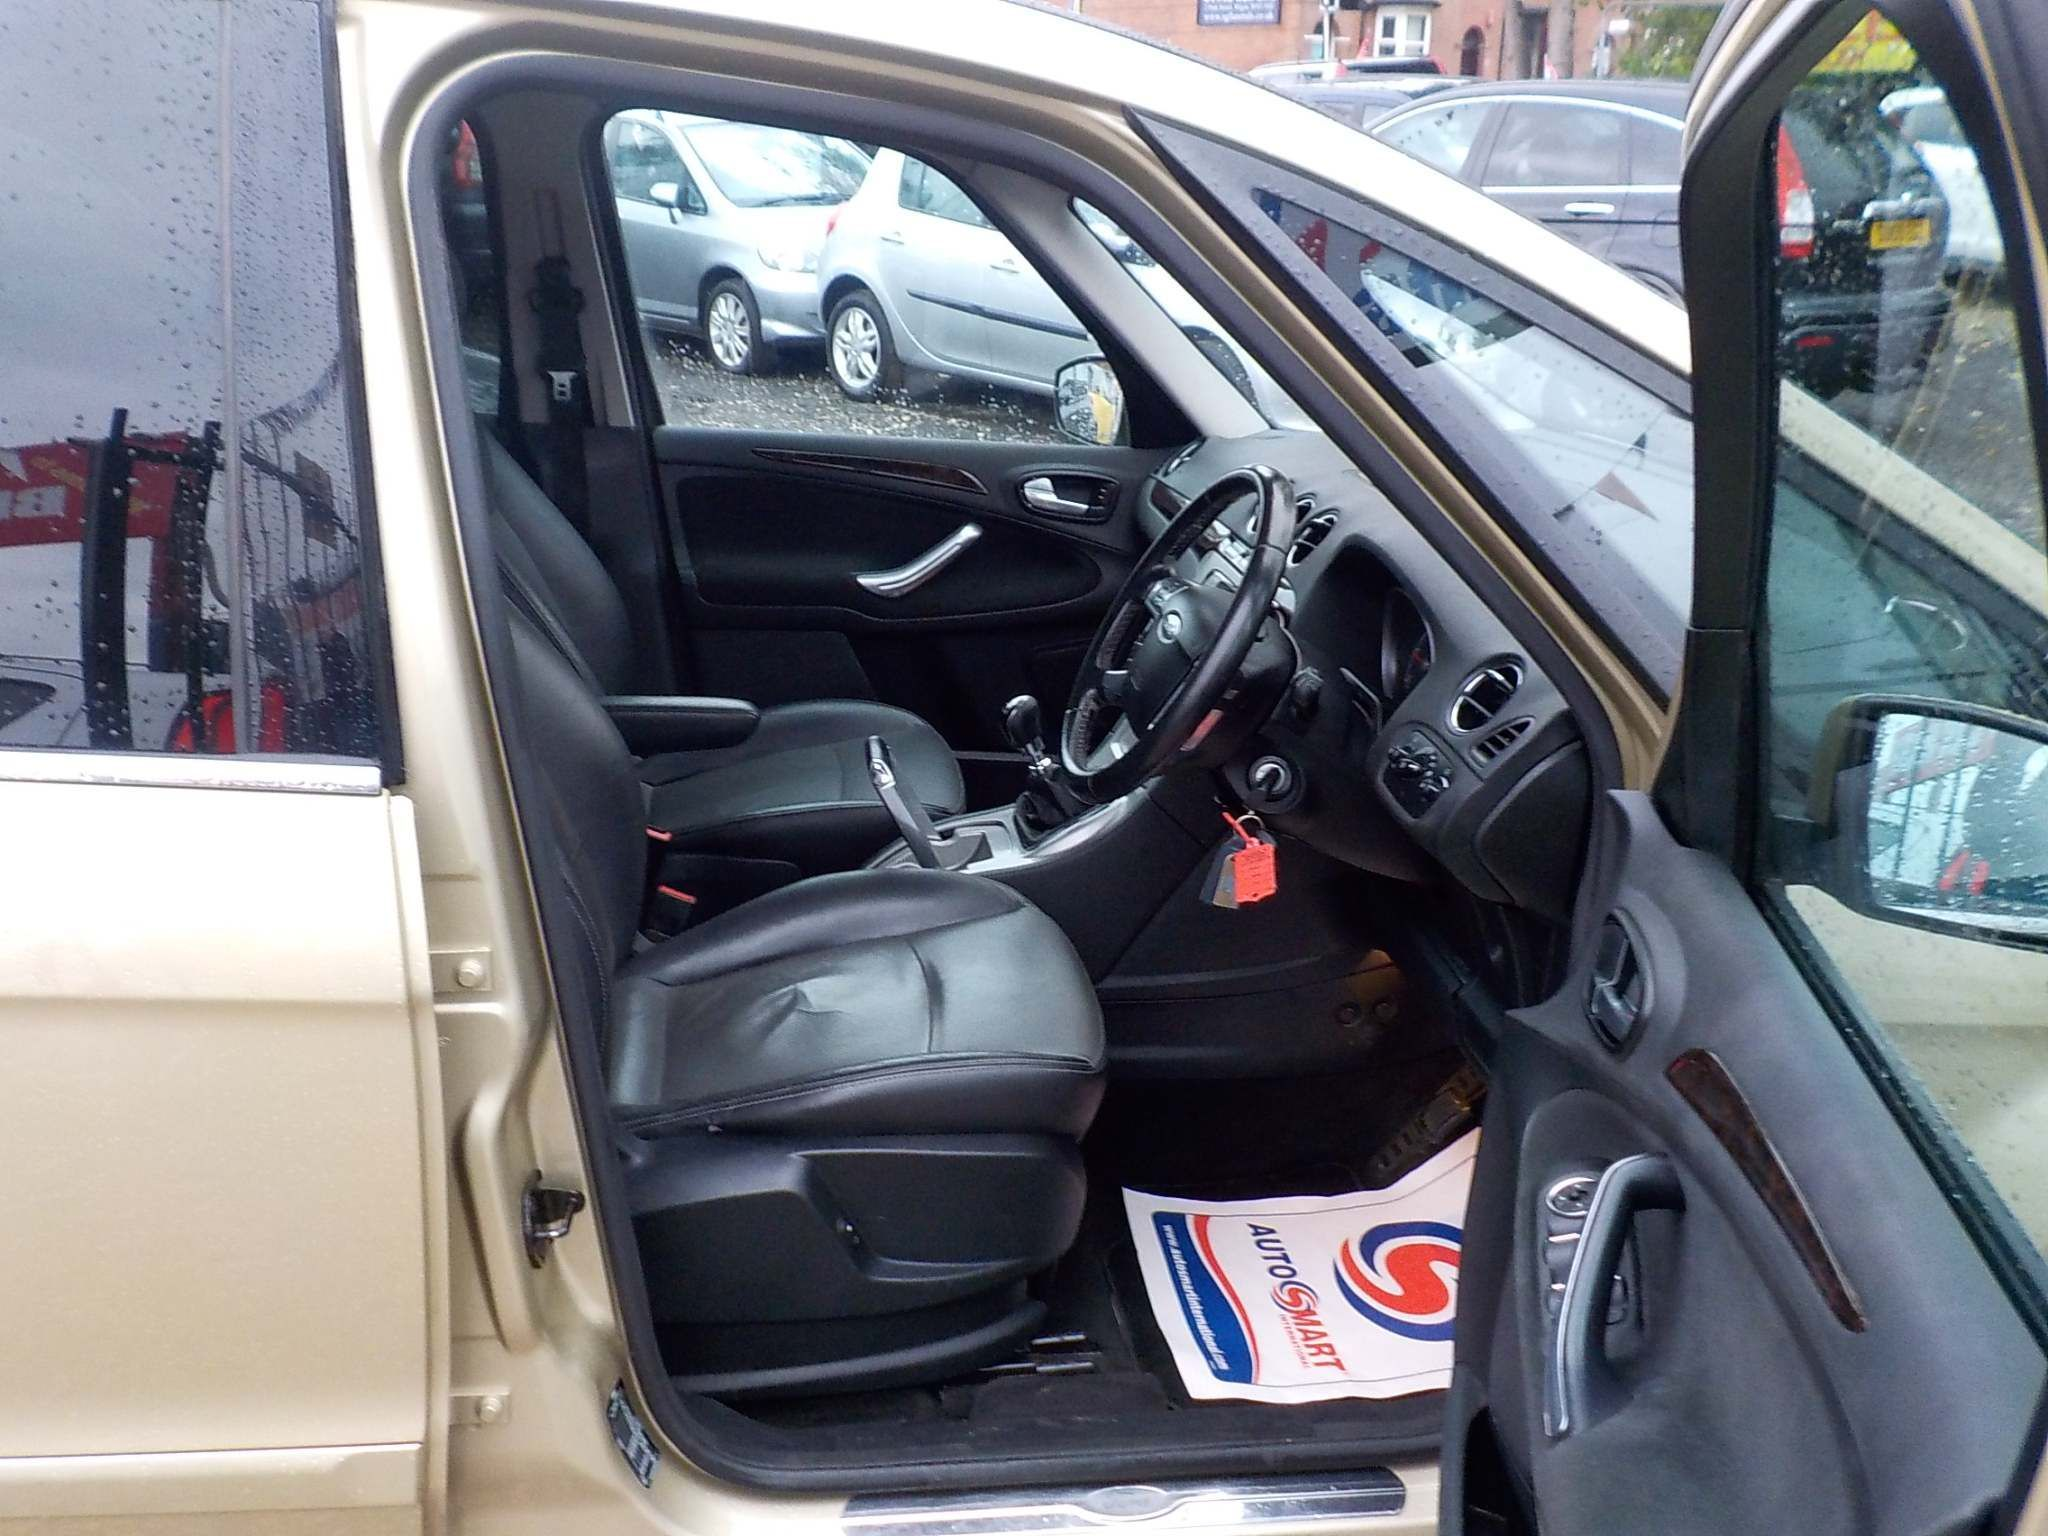 Ford Galaxy 1.8 TDCi Ghia 5dr